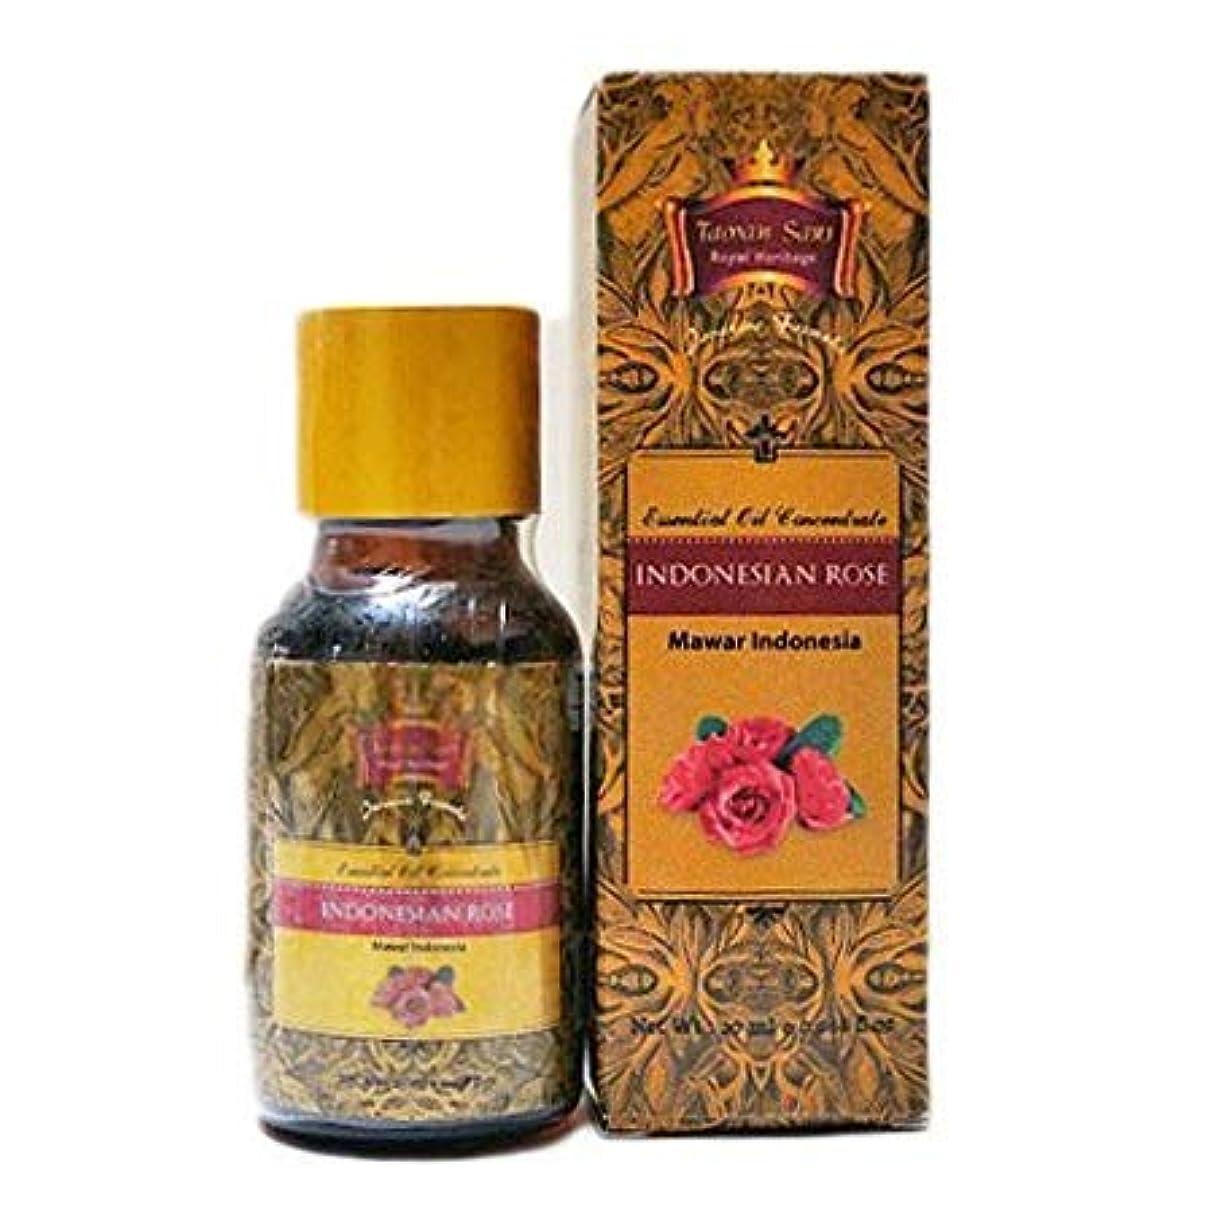 ウィンク動員するお別れTaman Sari タマンサリ エッセンシャルオイル ムスティカラトゥ高級スパブランド Indonesian Rose インドネシアローズ 20ml